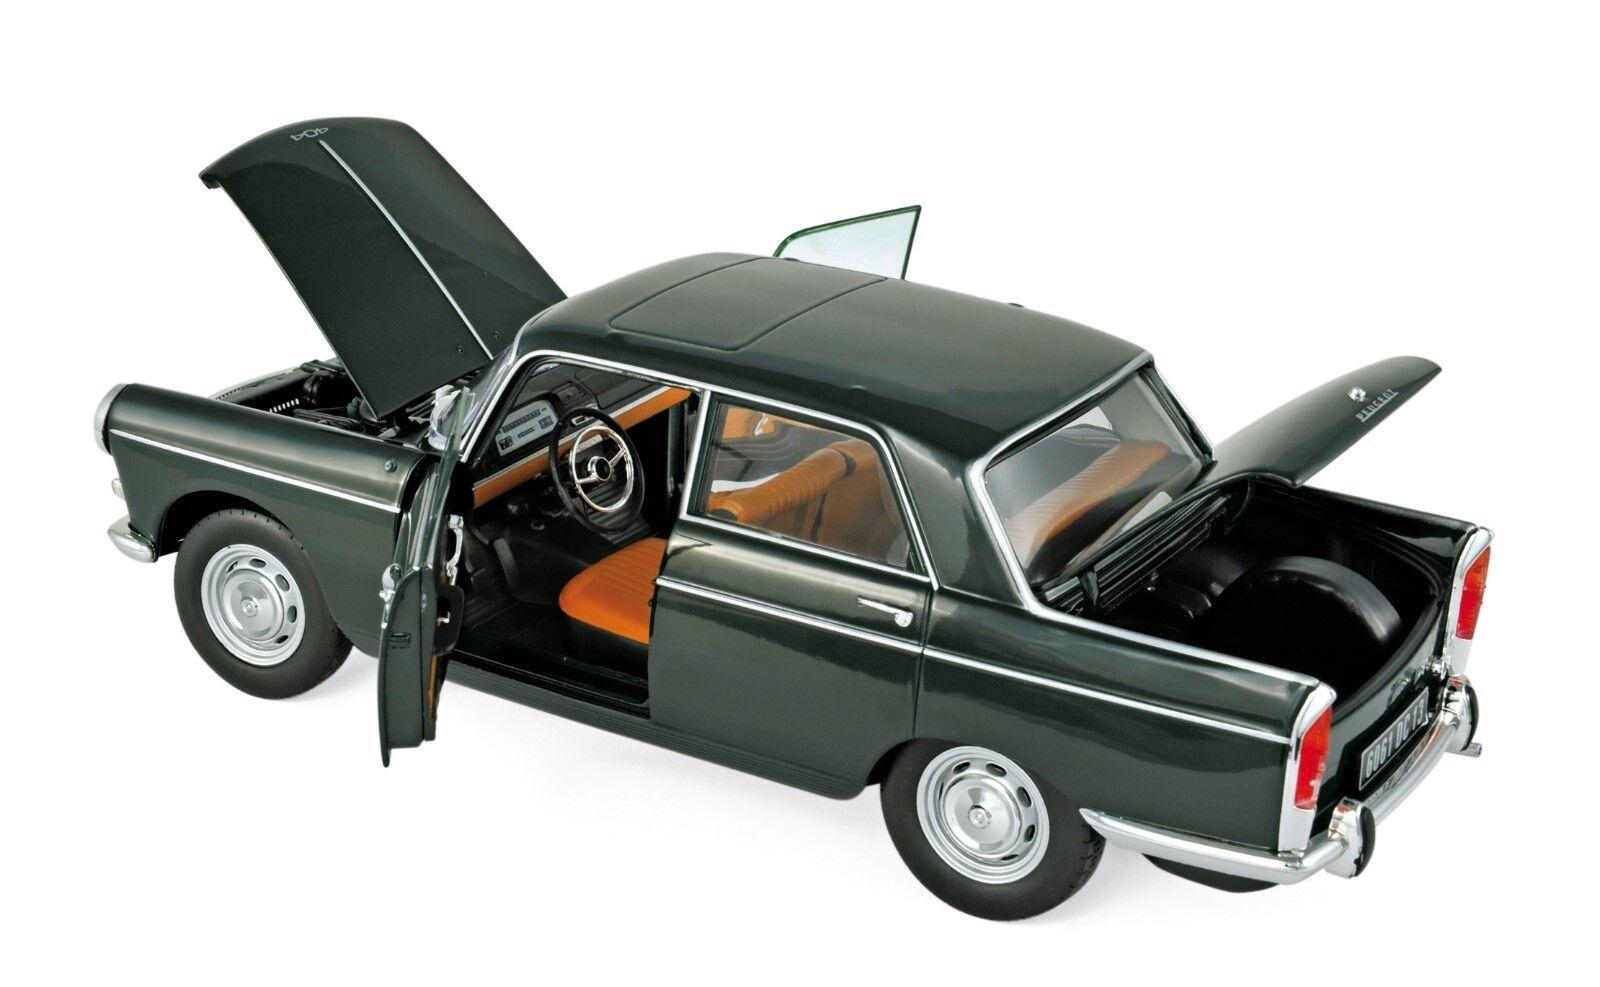 Peugeot 404 1965 dunkelgrün 1 18 Norev 184833 neu neu neu & OVP a87b4f